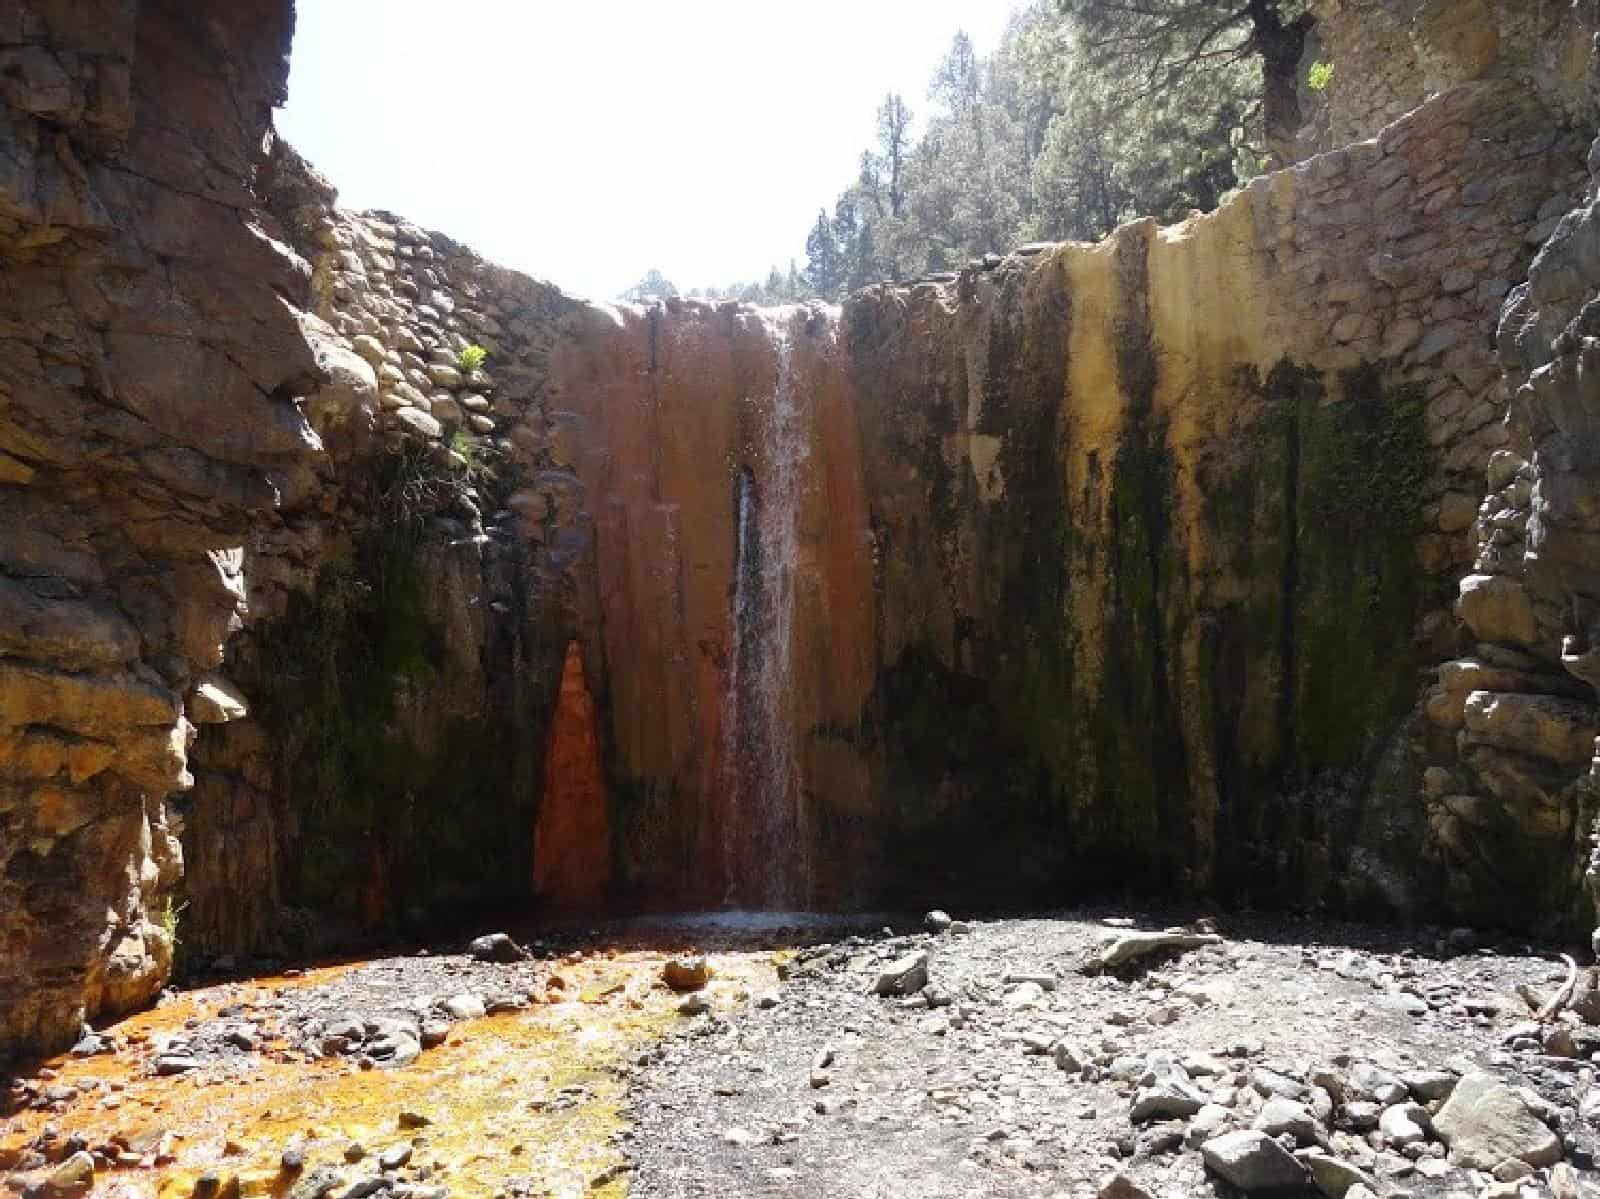 Visitar el Parque Nacional de la Caldera de Taburiente. 3